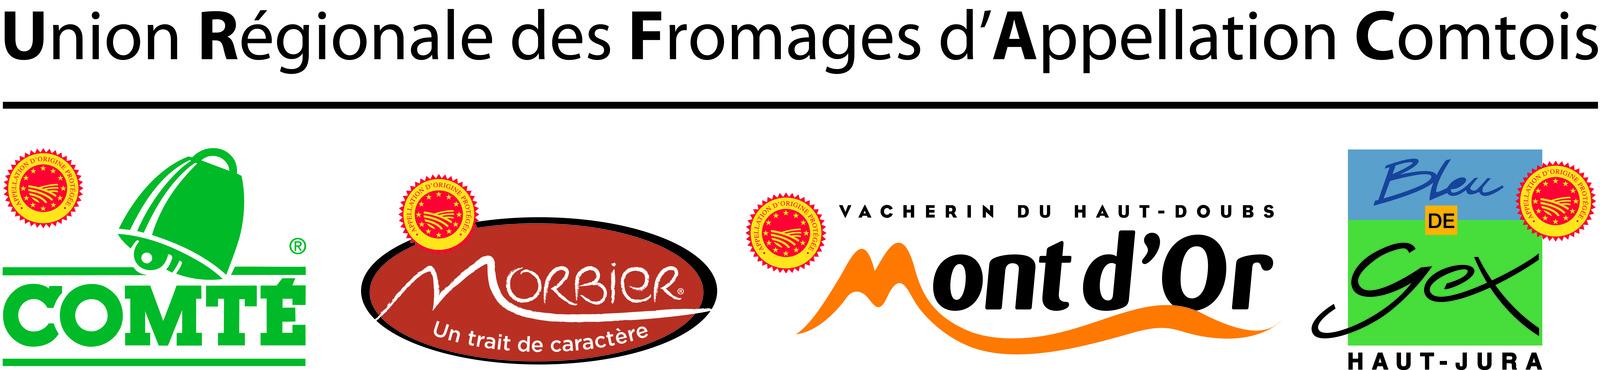 39 D Cher Pas amp; Comité Parfum hBtQrxsdC